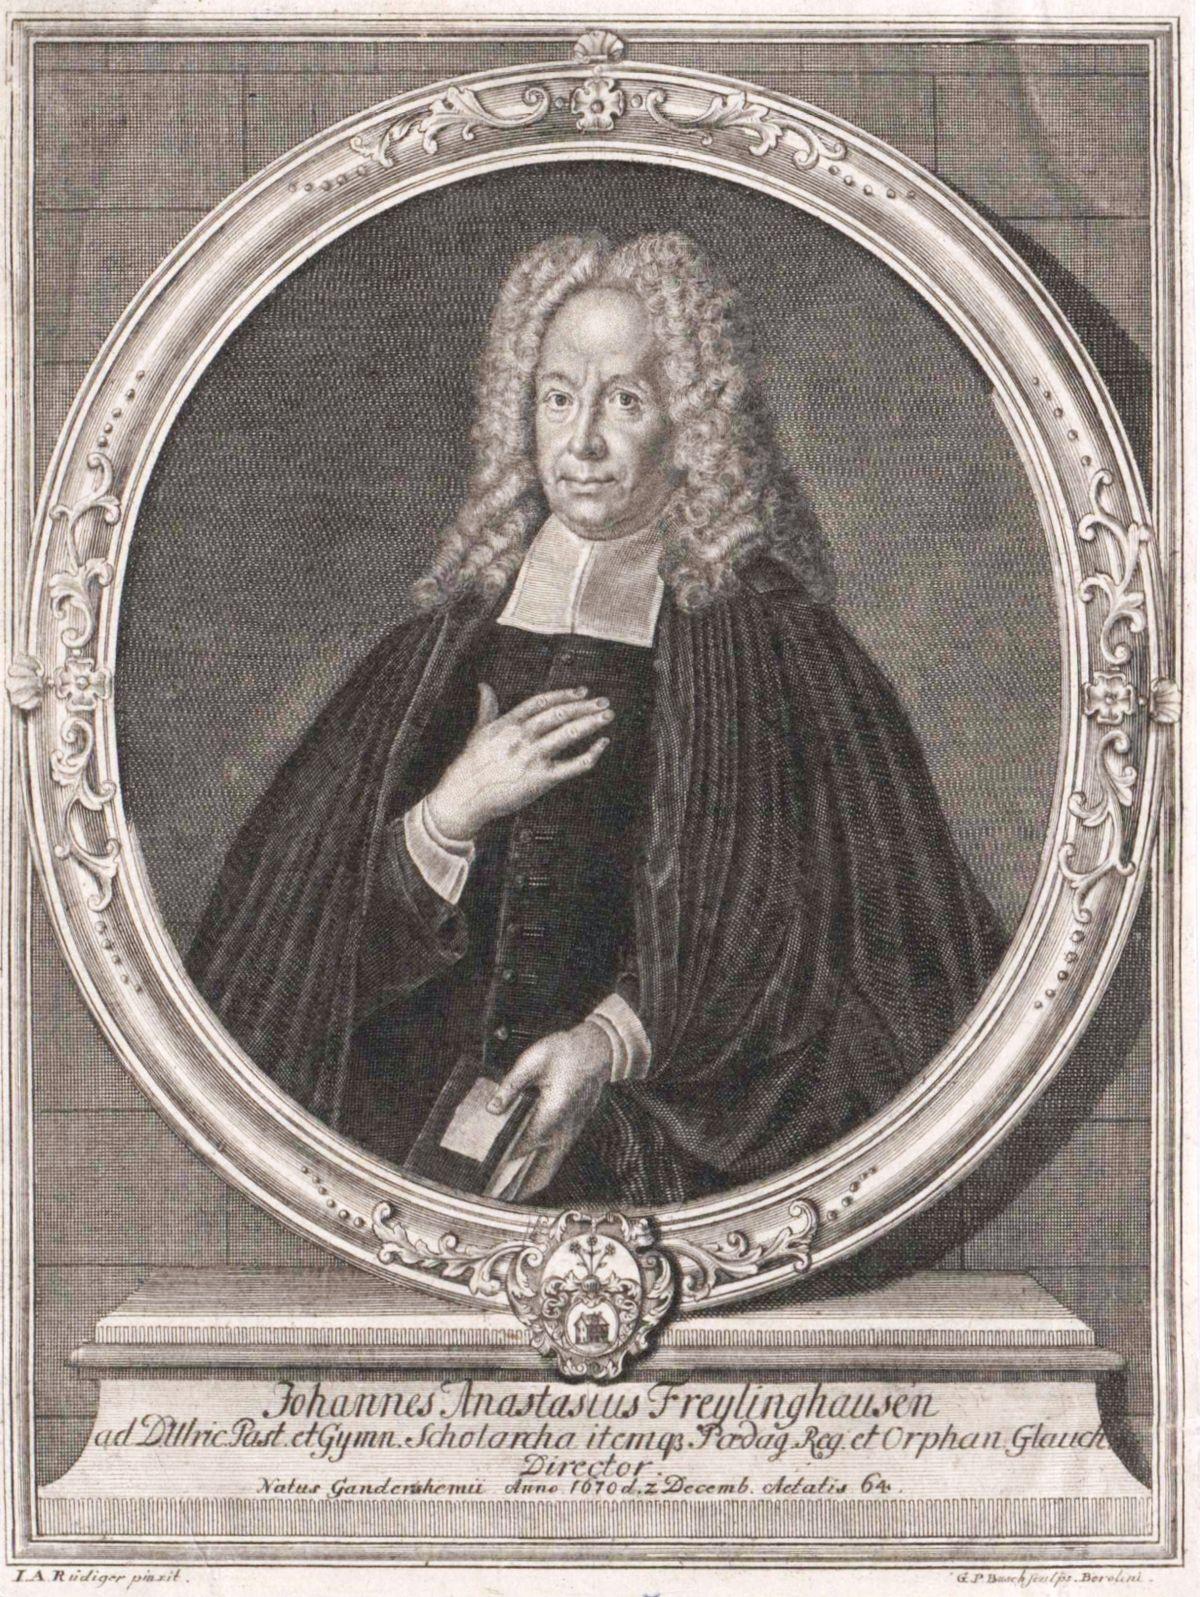 Johann Anastasius Freylinghausen –